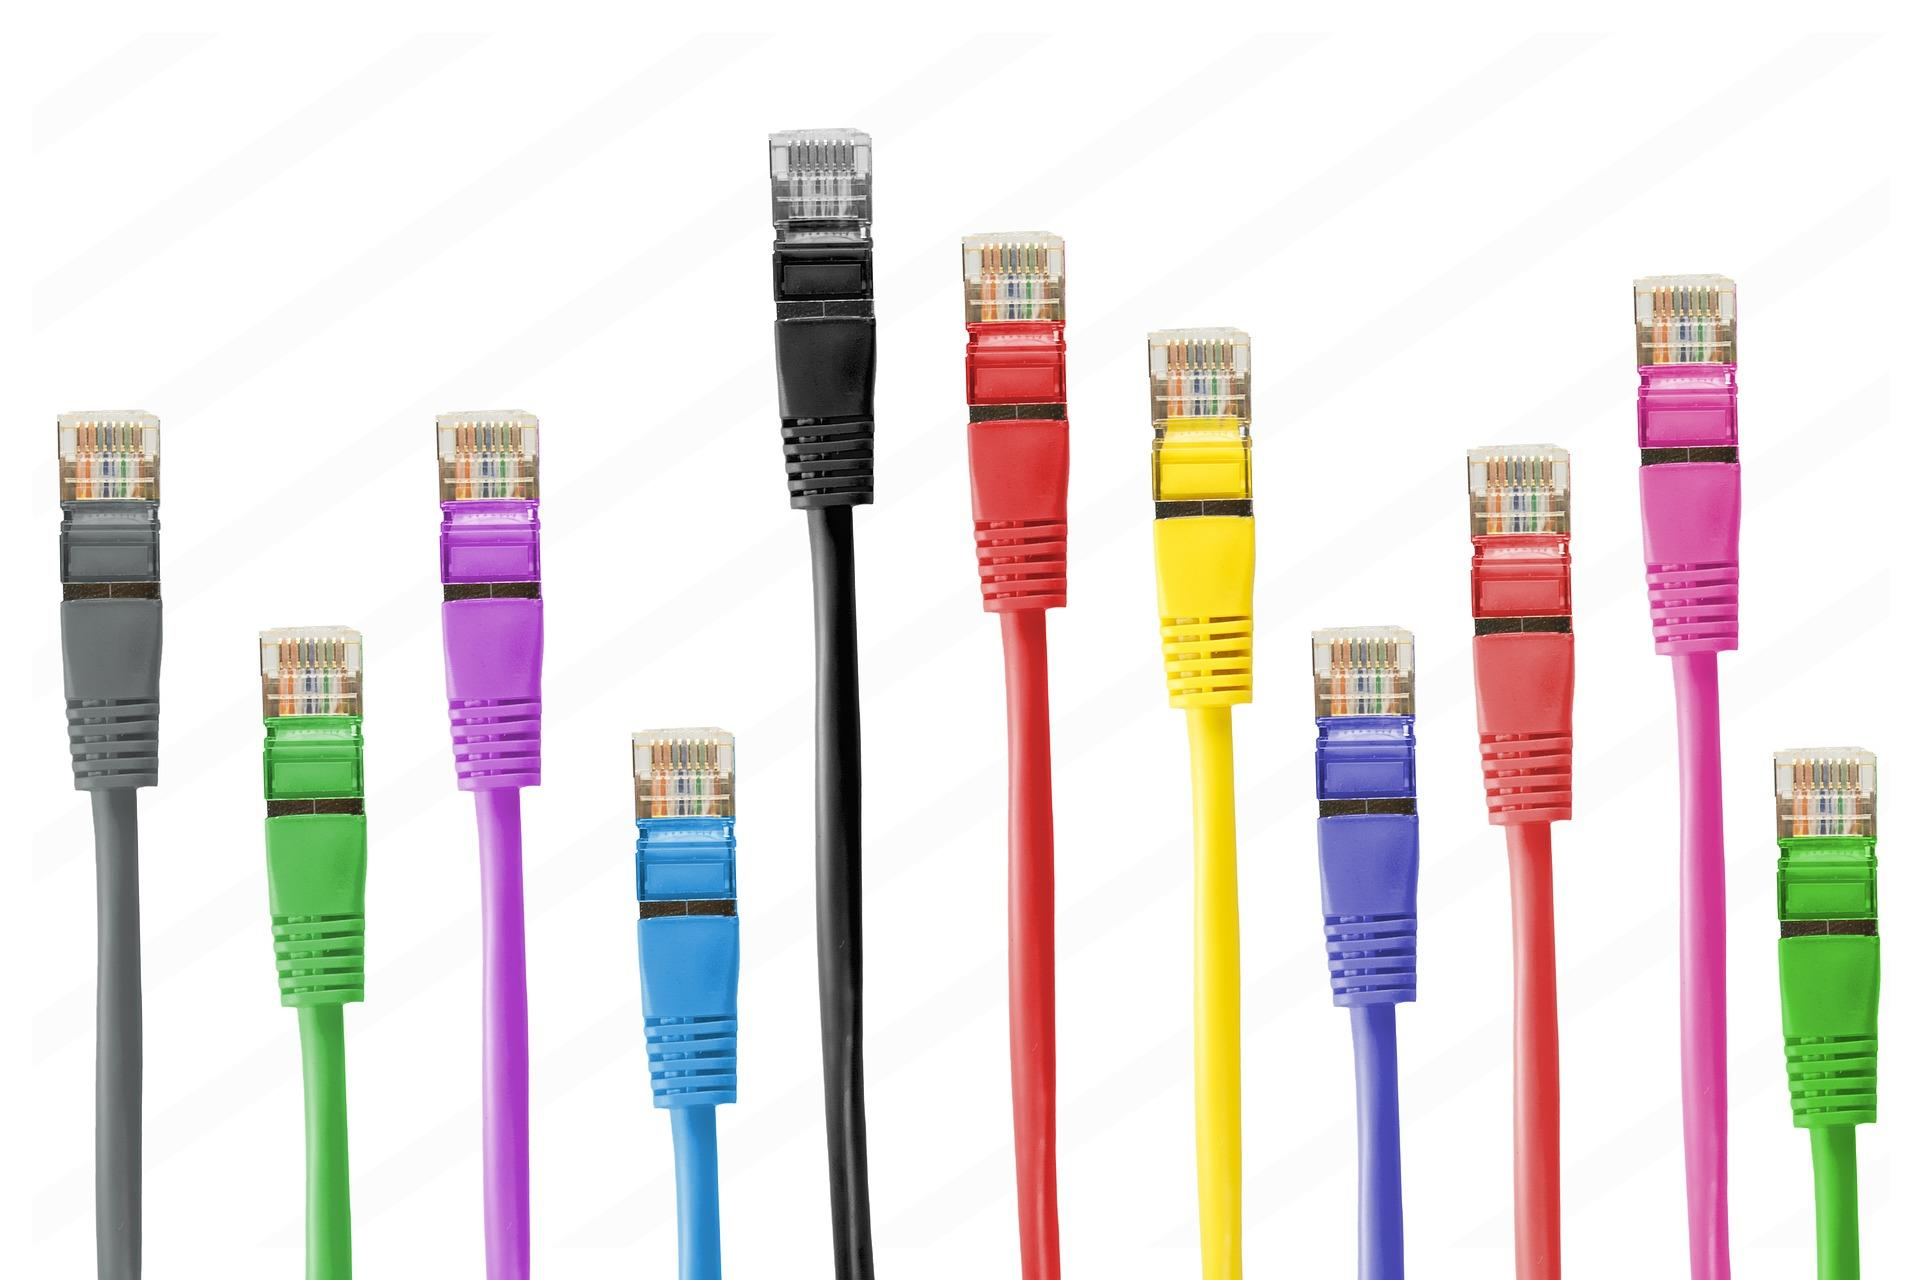 cables-informatique-fond-ecran-de-toutes-les-couleurs_telecharger